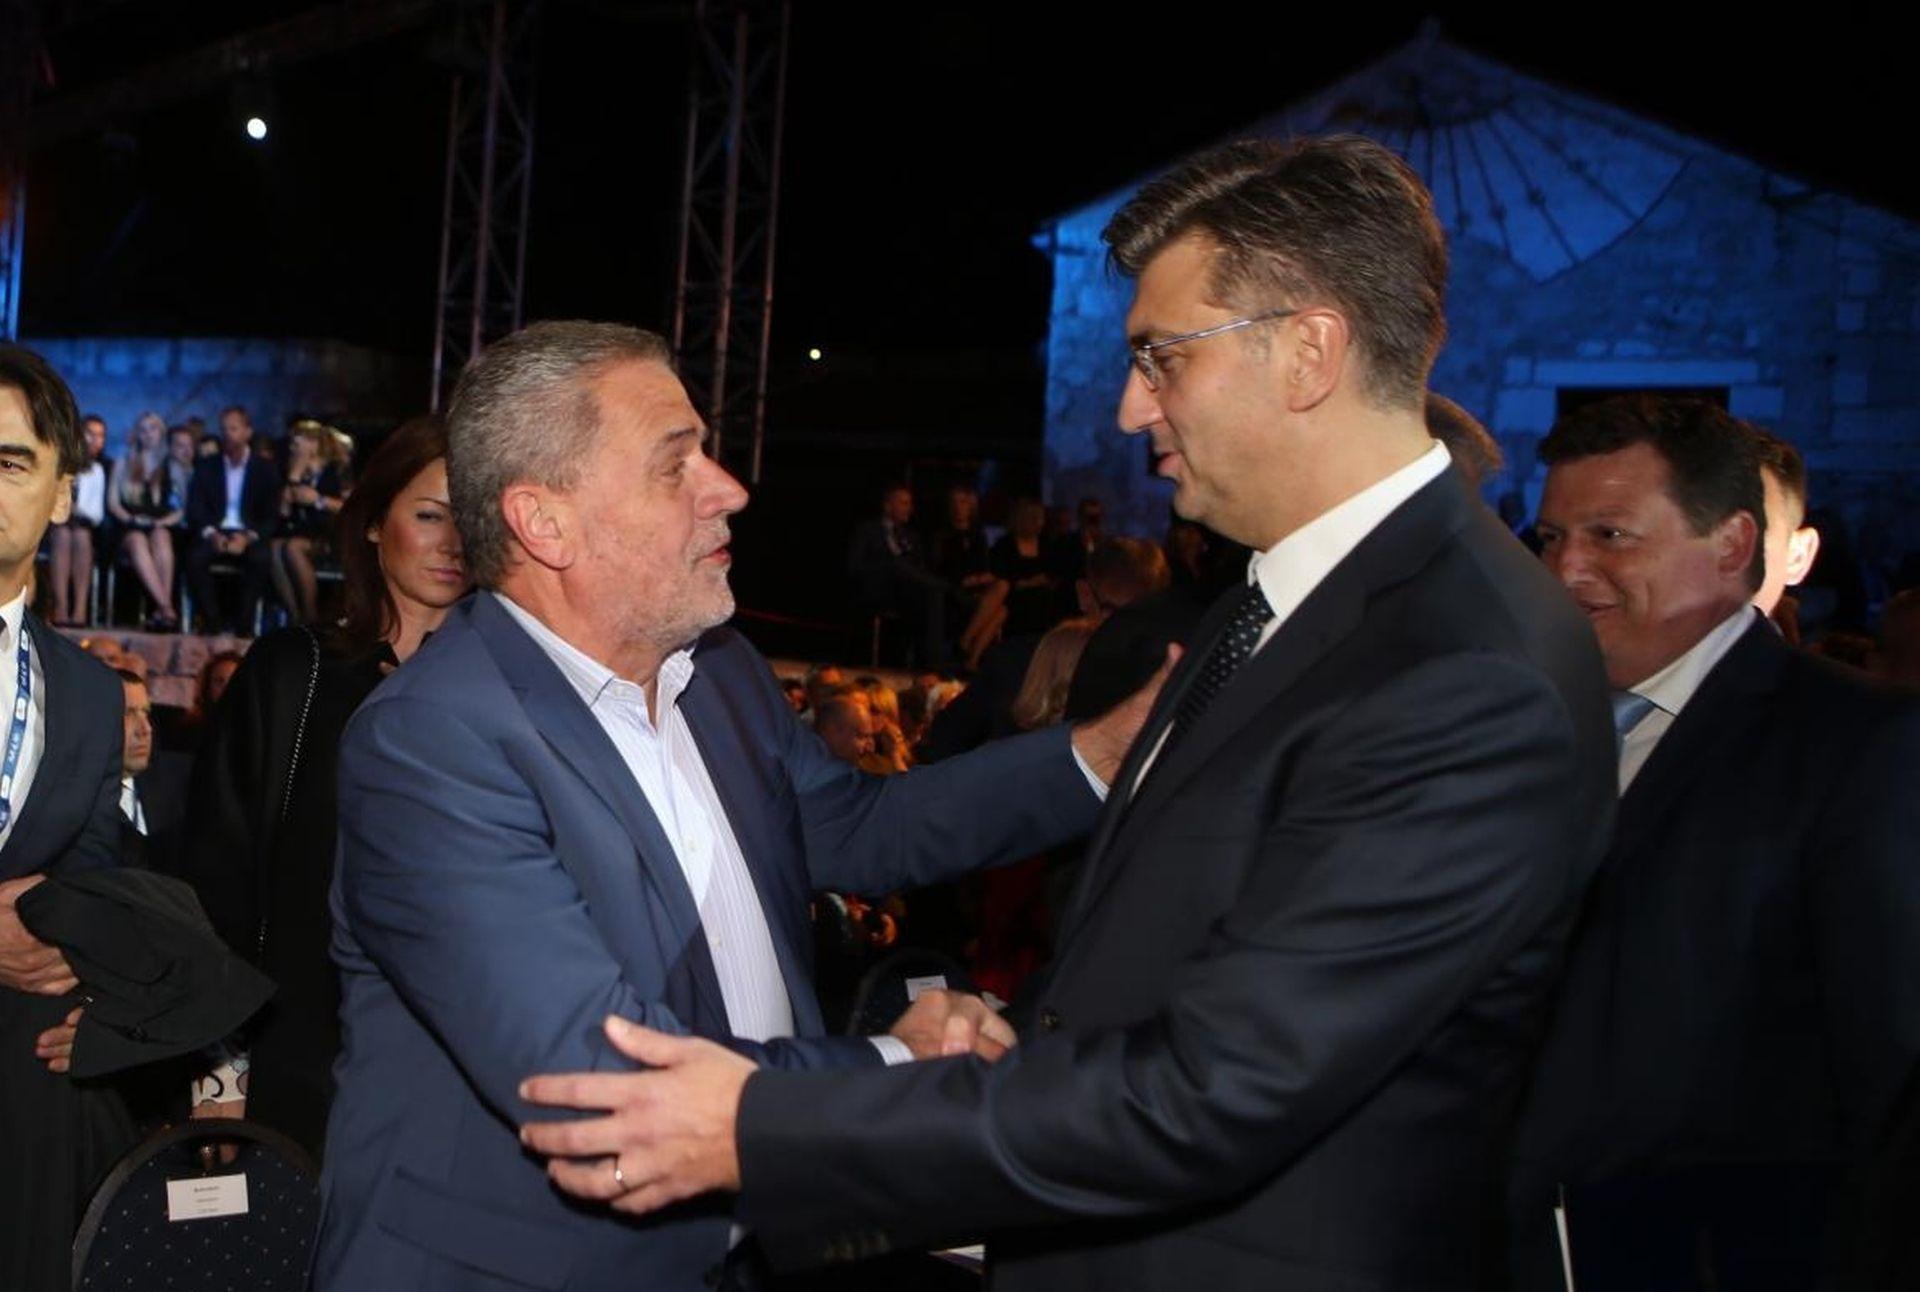 Zbog Bandićeve političke trgovine može doći do novih izbora